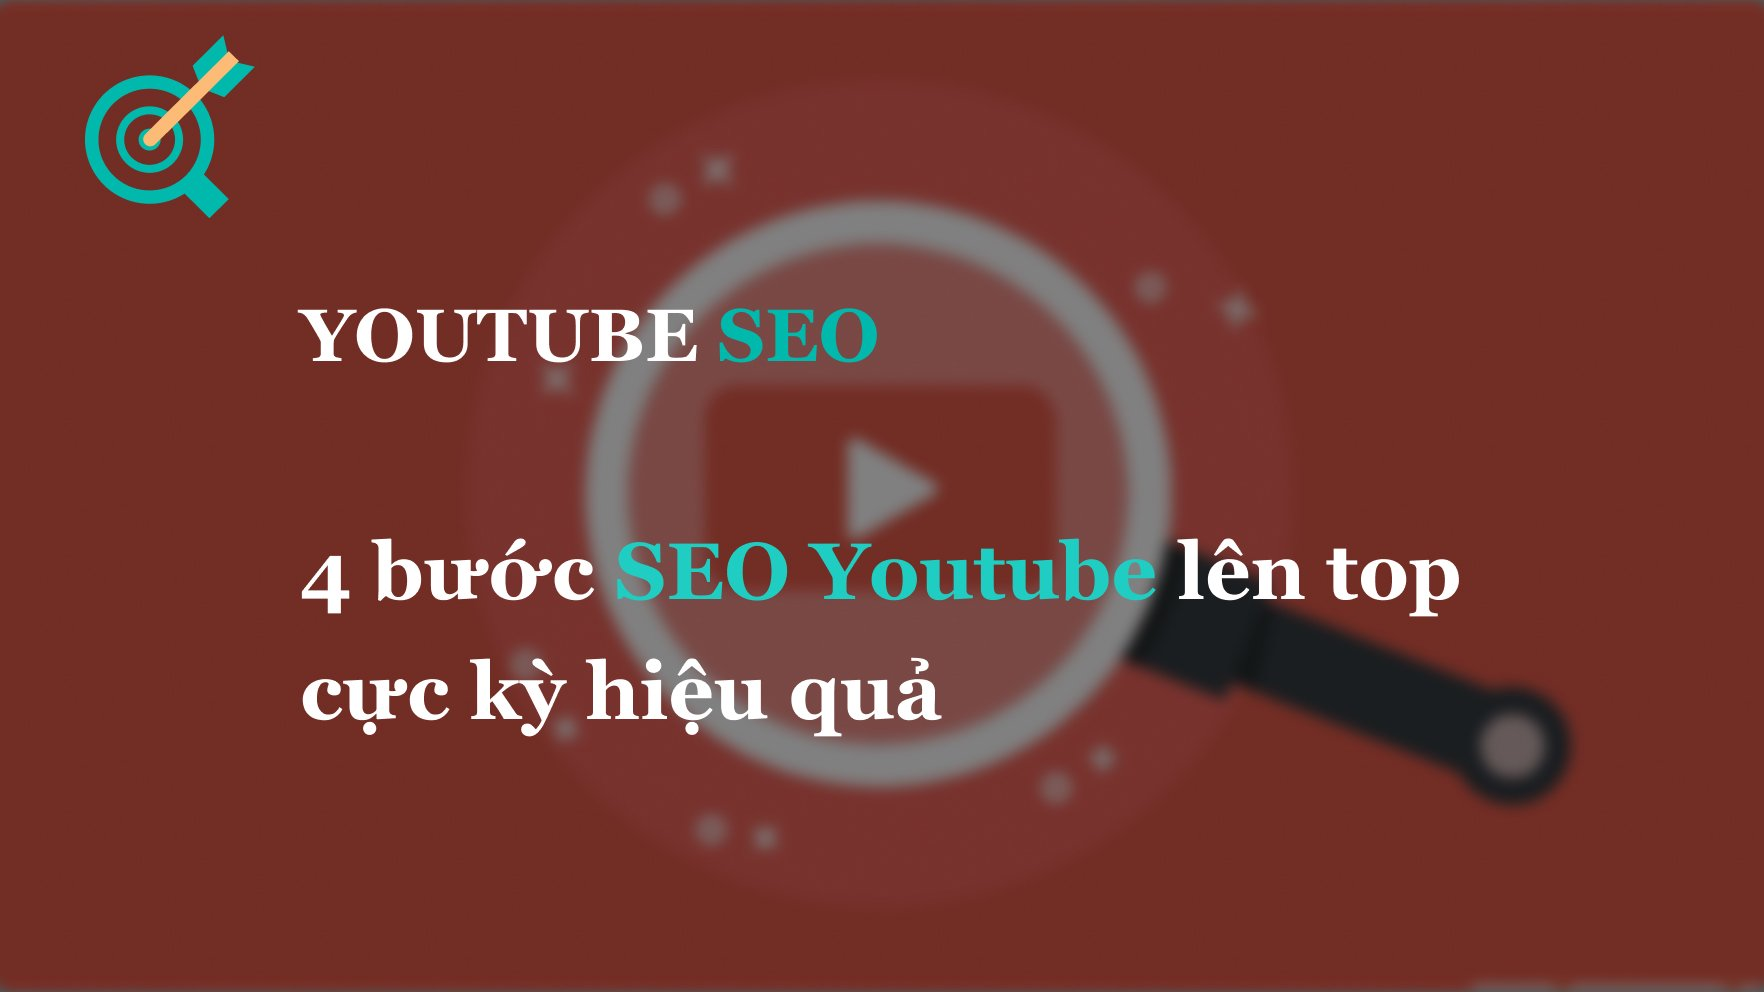 4 bước SEO Youtube lên top cực kỳ hiệu quả